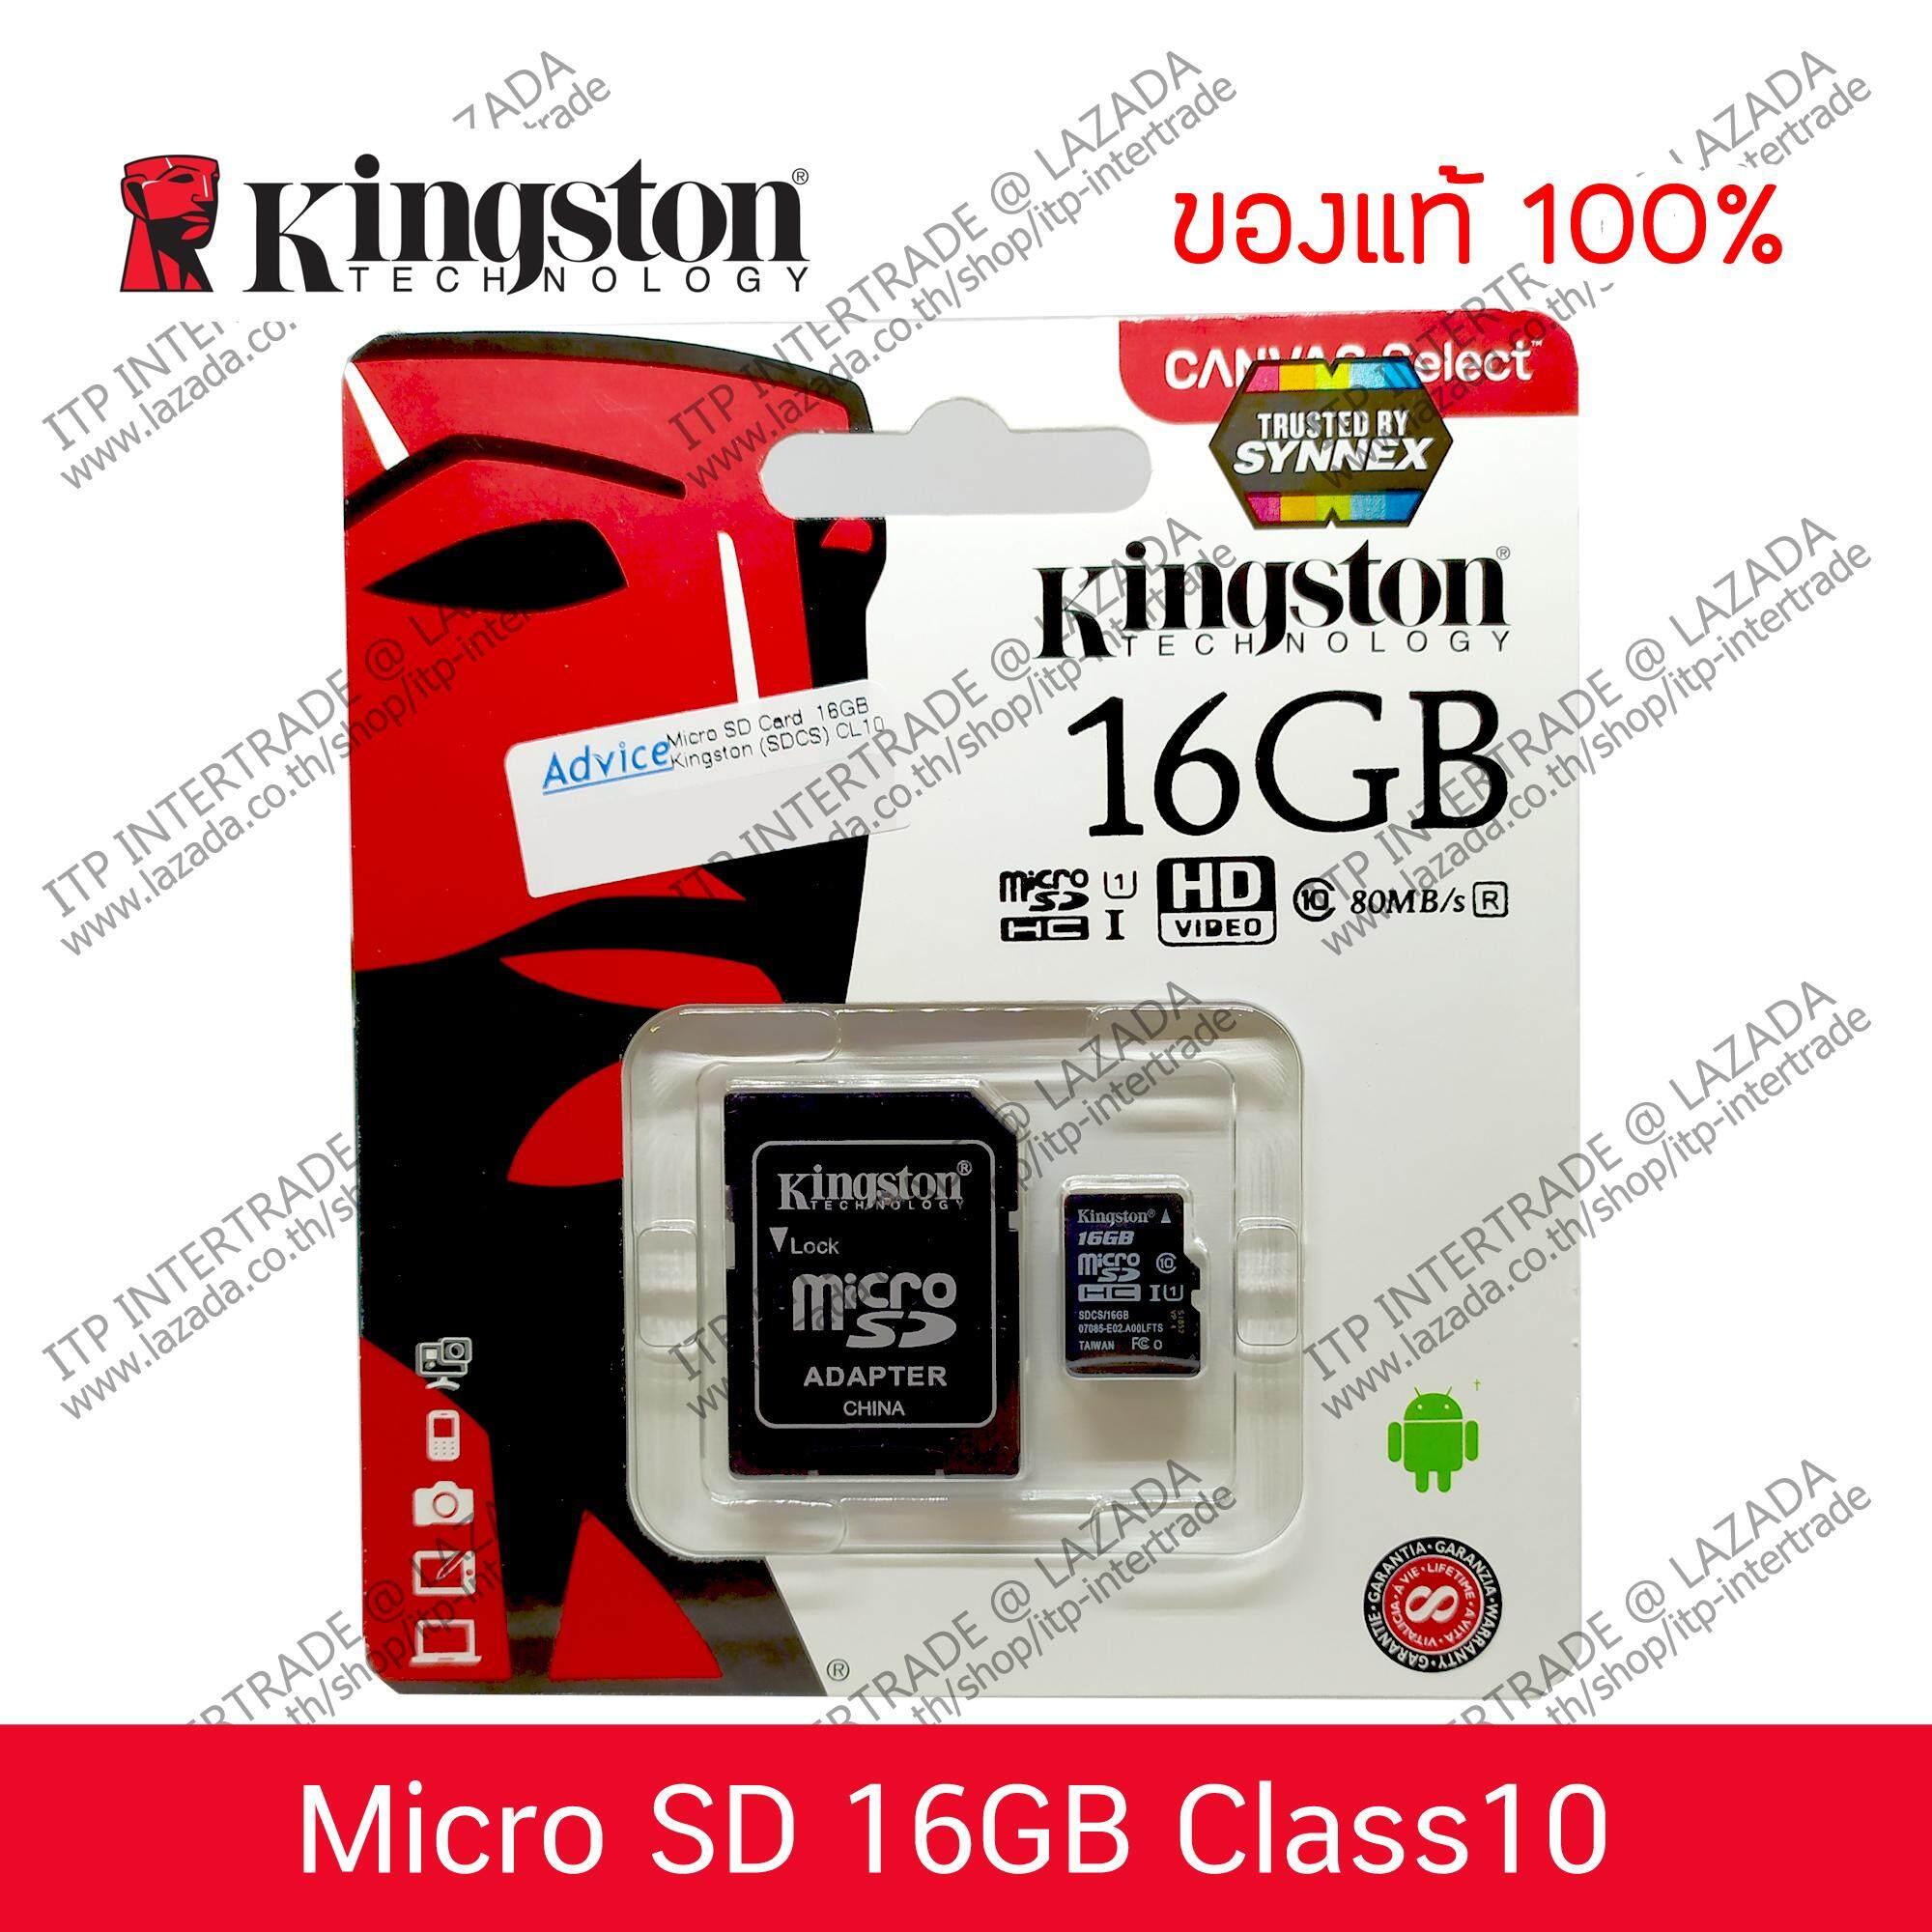 เก็บเงินปลายทางได้ Kingston Memory Card Micro SD 16GB Class10 ของแท้ 100% ประกัน LifeTime ส่งเคลมศูนย์ Advice ได้ทุกสาขา ทั่วประเทศ (ส่ง kerry ฟรี)